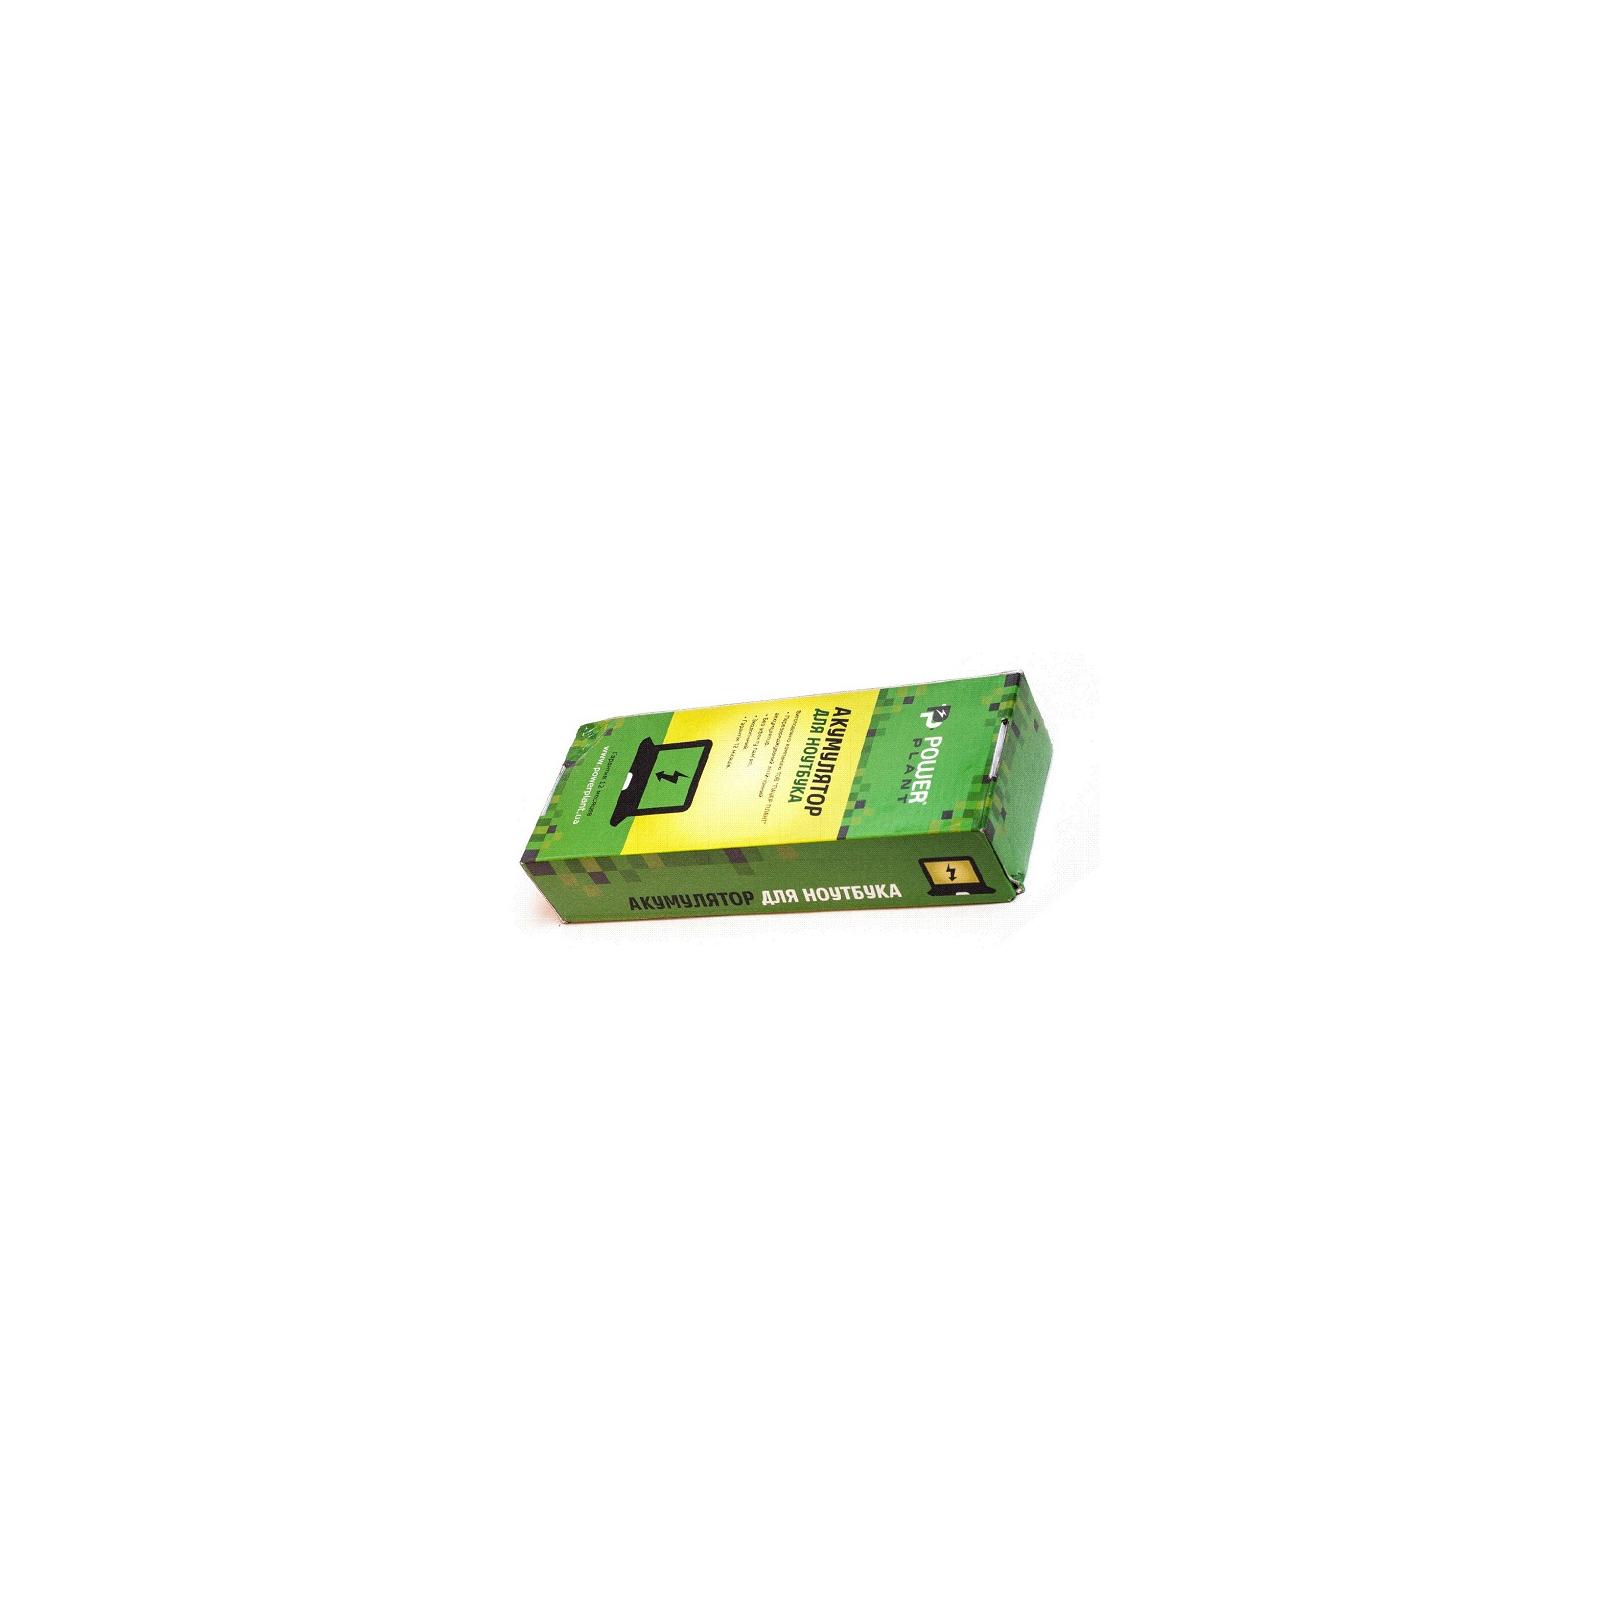 Аккумулятор для ноутбука ASUS A43 A53 (A32-K53) 10.8V 4400mAh PowerPlant (NB00000282) изображение 3